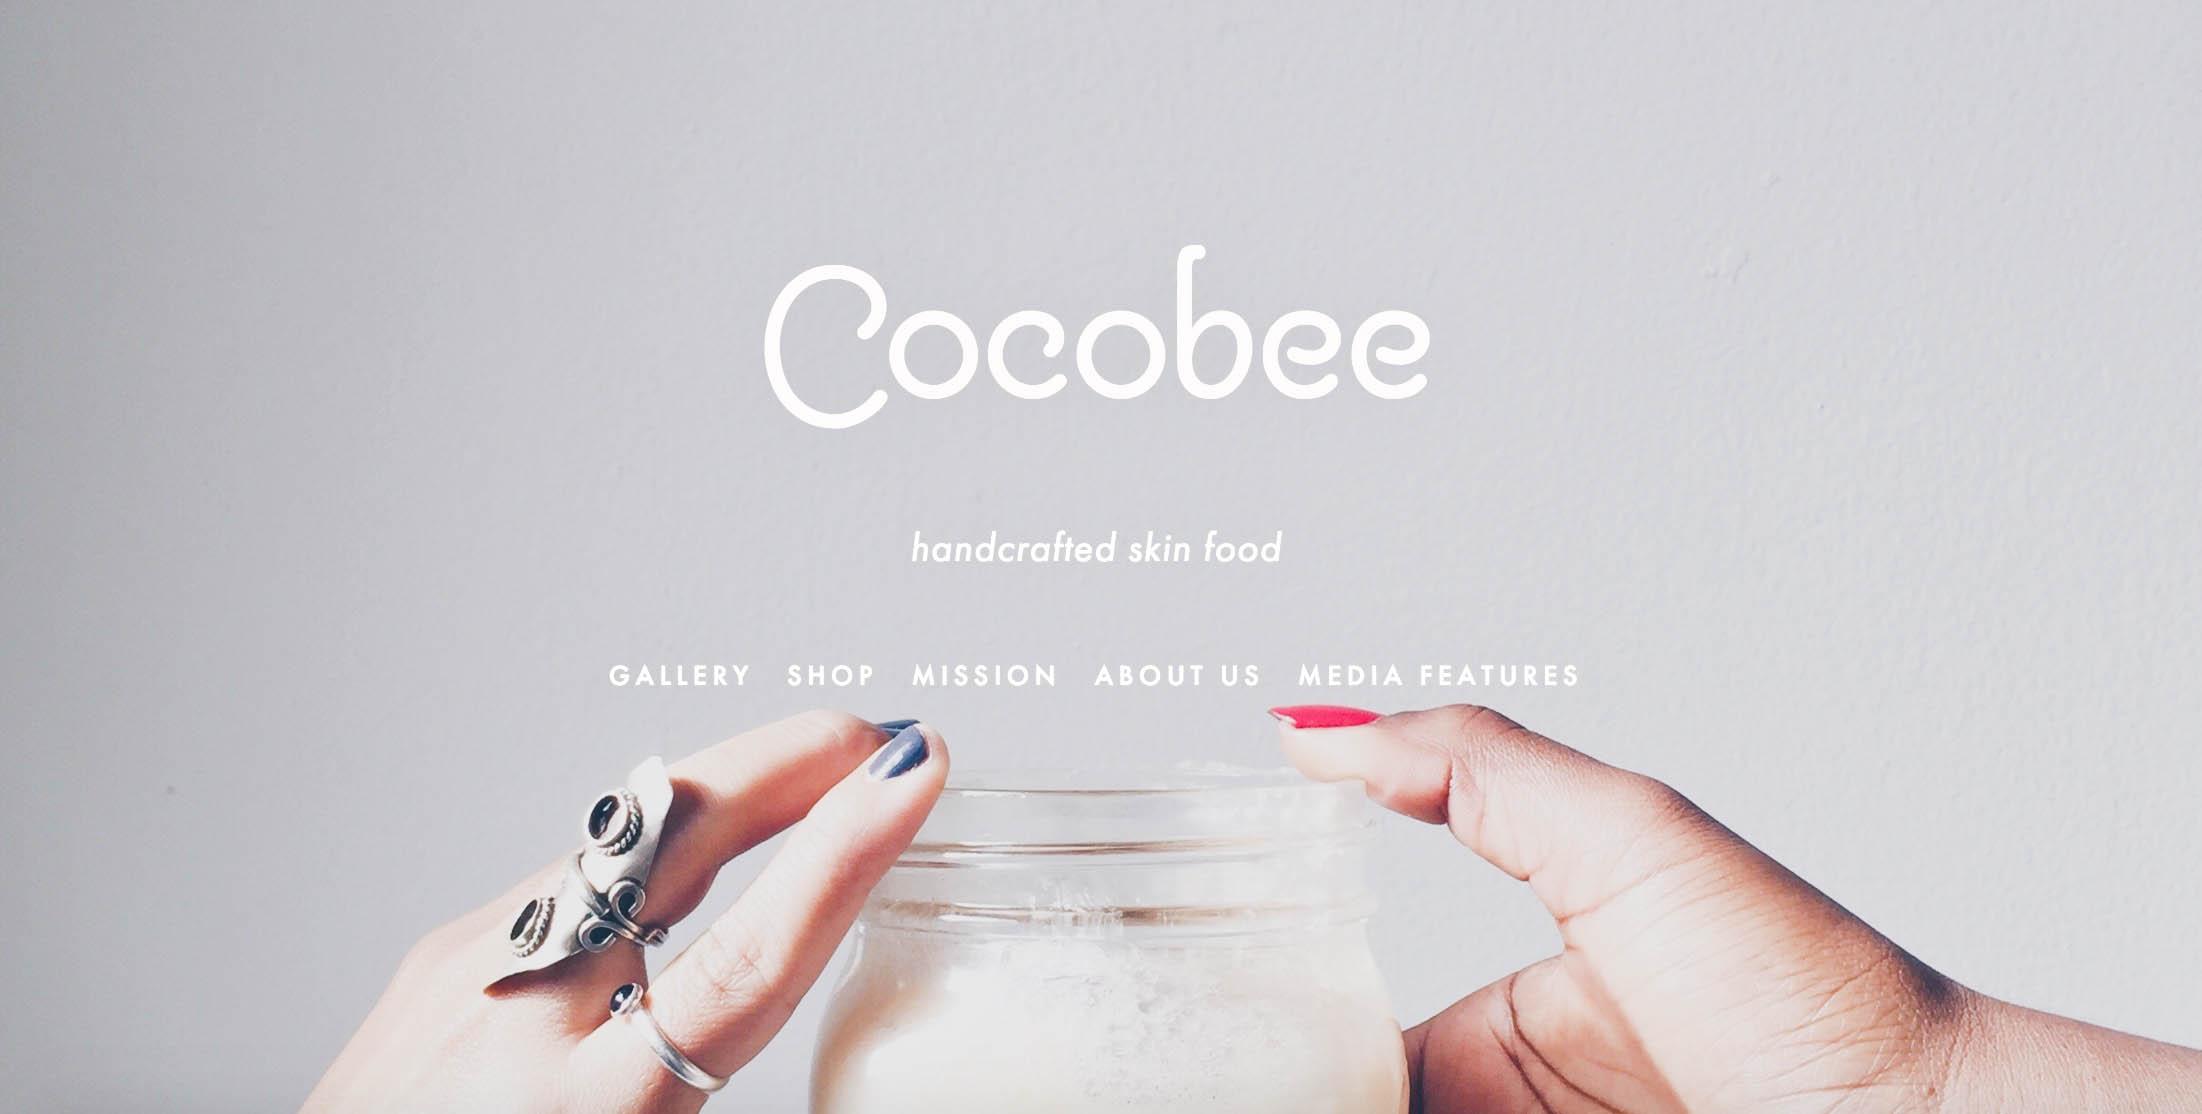 c/o cocobeebody.com